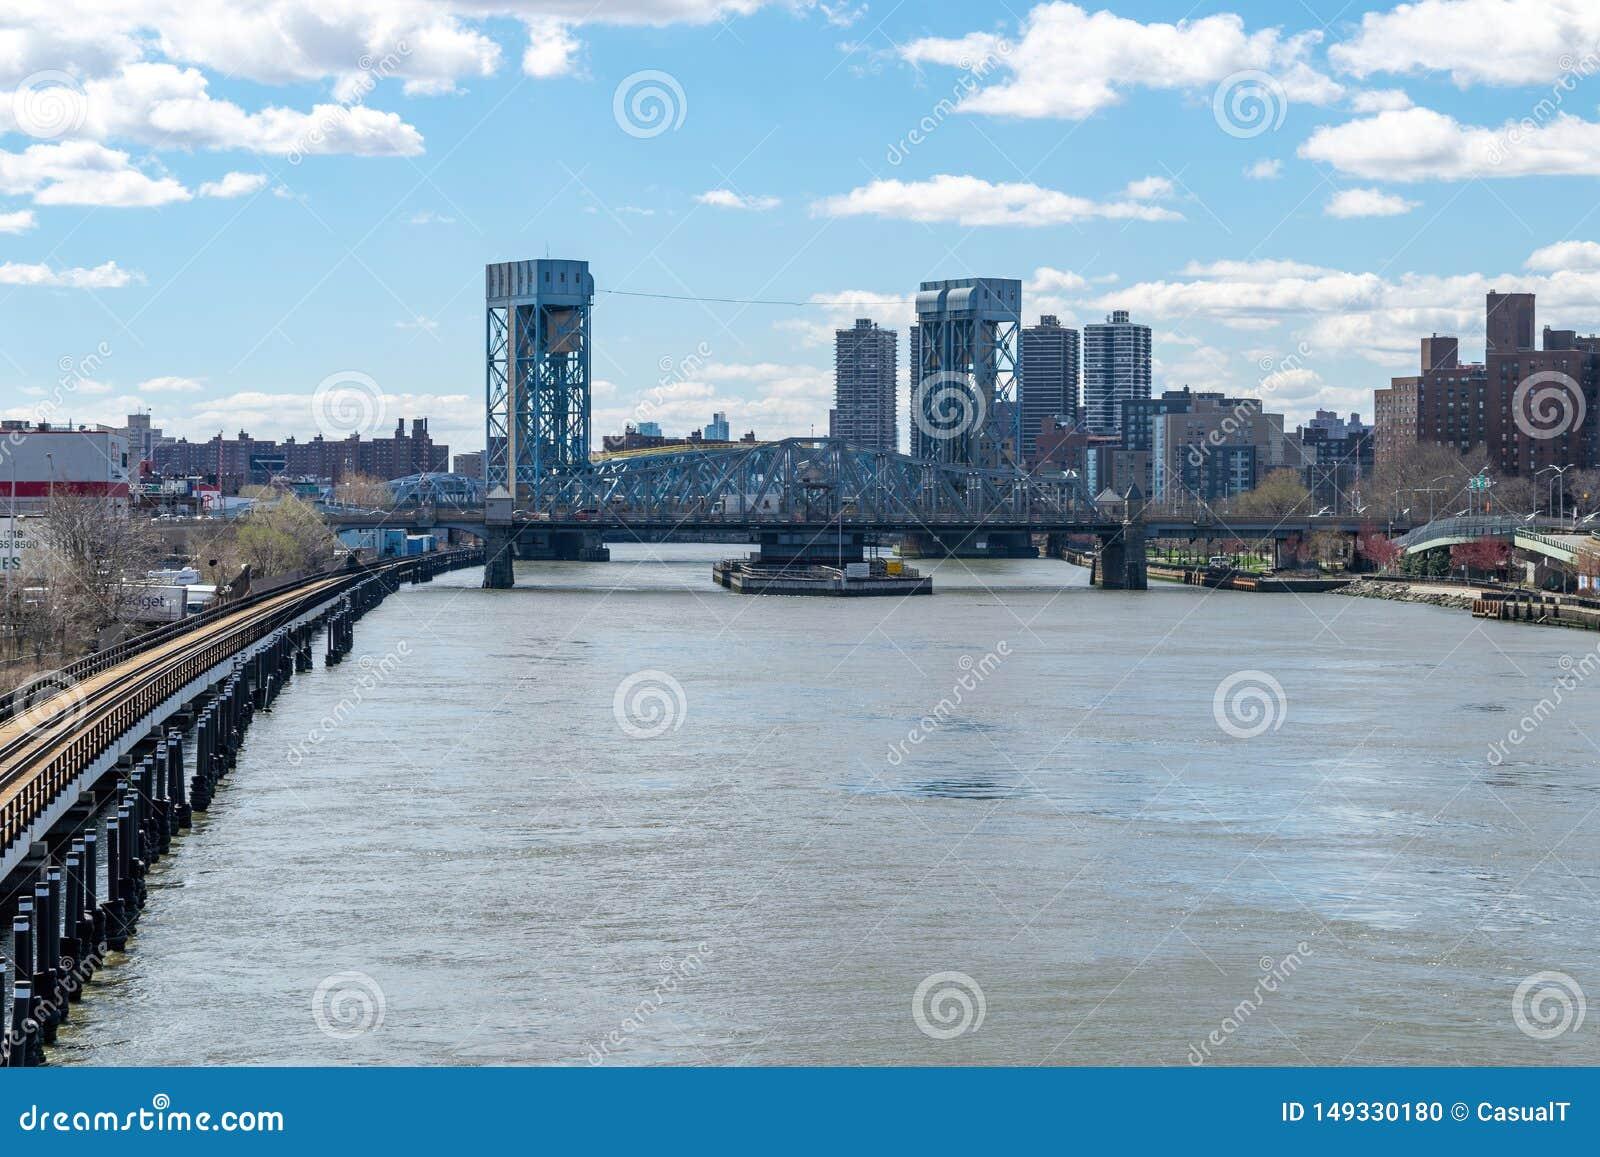 Mirando en dirección Sur a lo largo del río Harlem Madison Avenue Bridge en Harlem, NYC, los E.E.U.U.